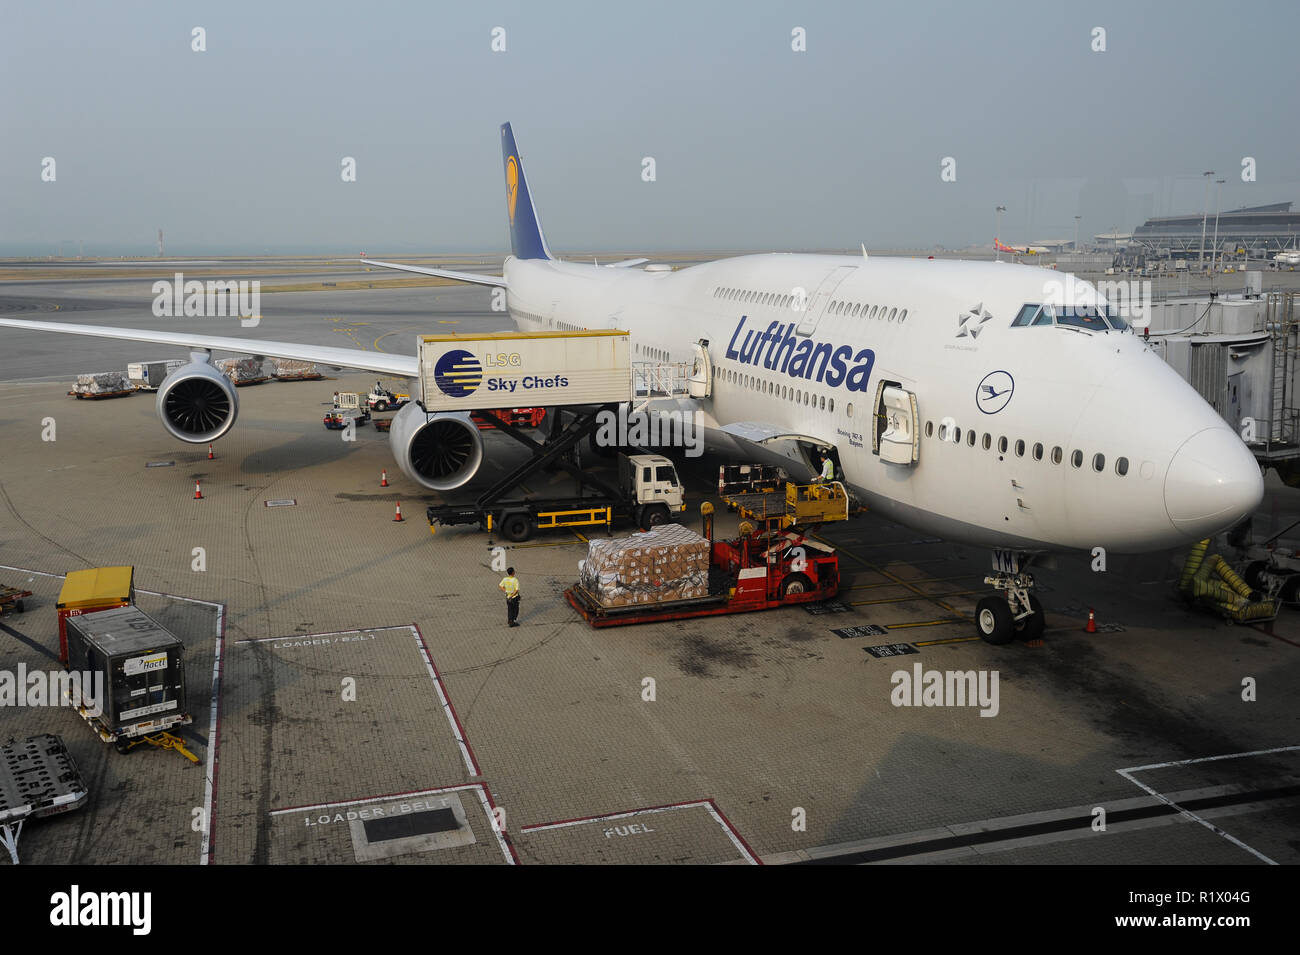 14.10.2014, Hong Kong, China, Asia - A Lufthansa passenger plane is docked at a gate at Hong Kong's International Airport Chek Lap Kok. - Stock Image